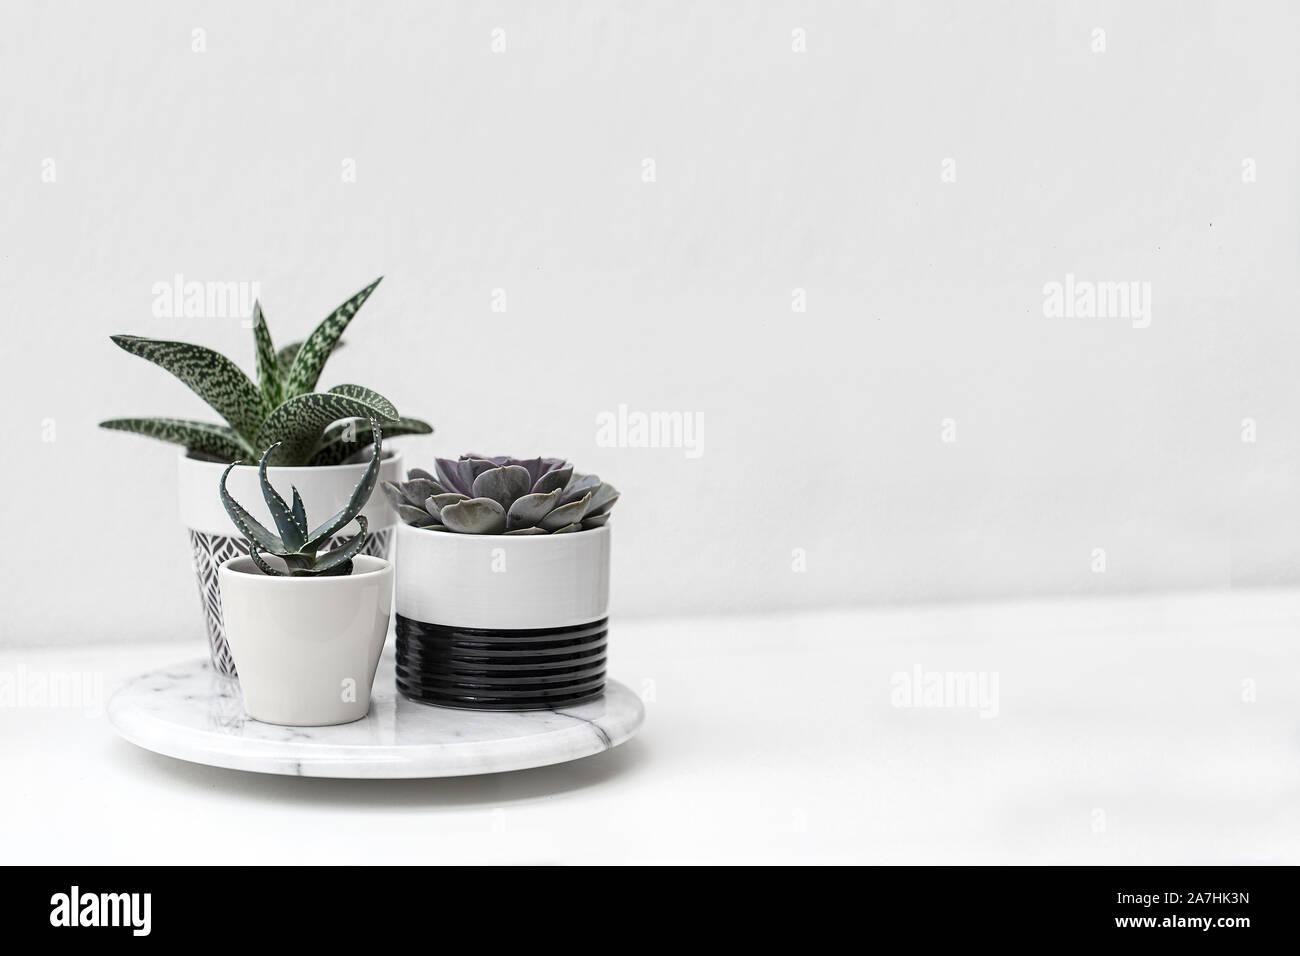 Macetas con plantas suculentas con un fondo blanco. Foto de stock